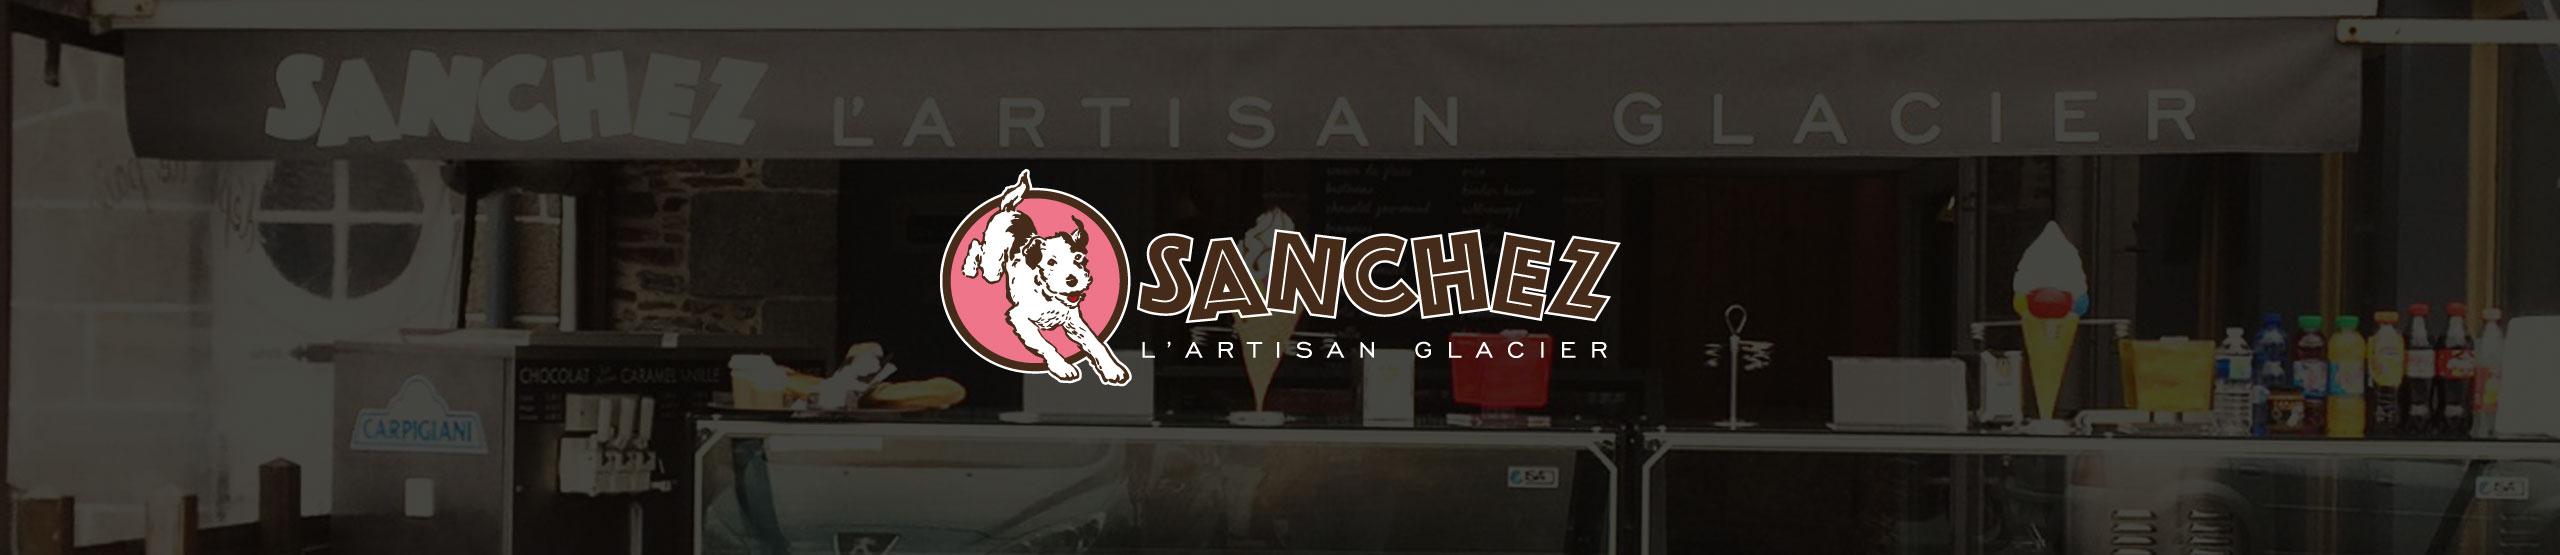 glaces Sanchez Saint-Malo